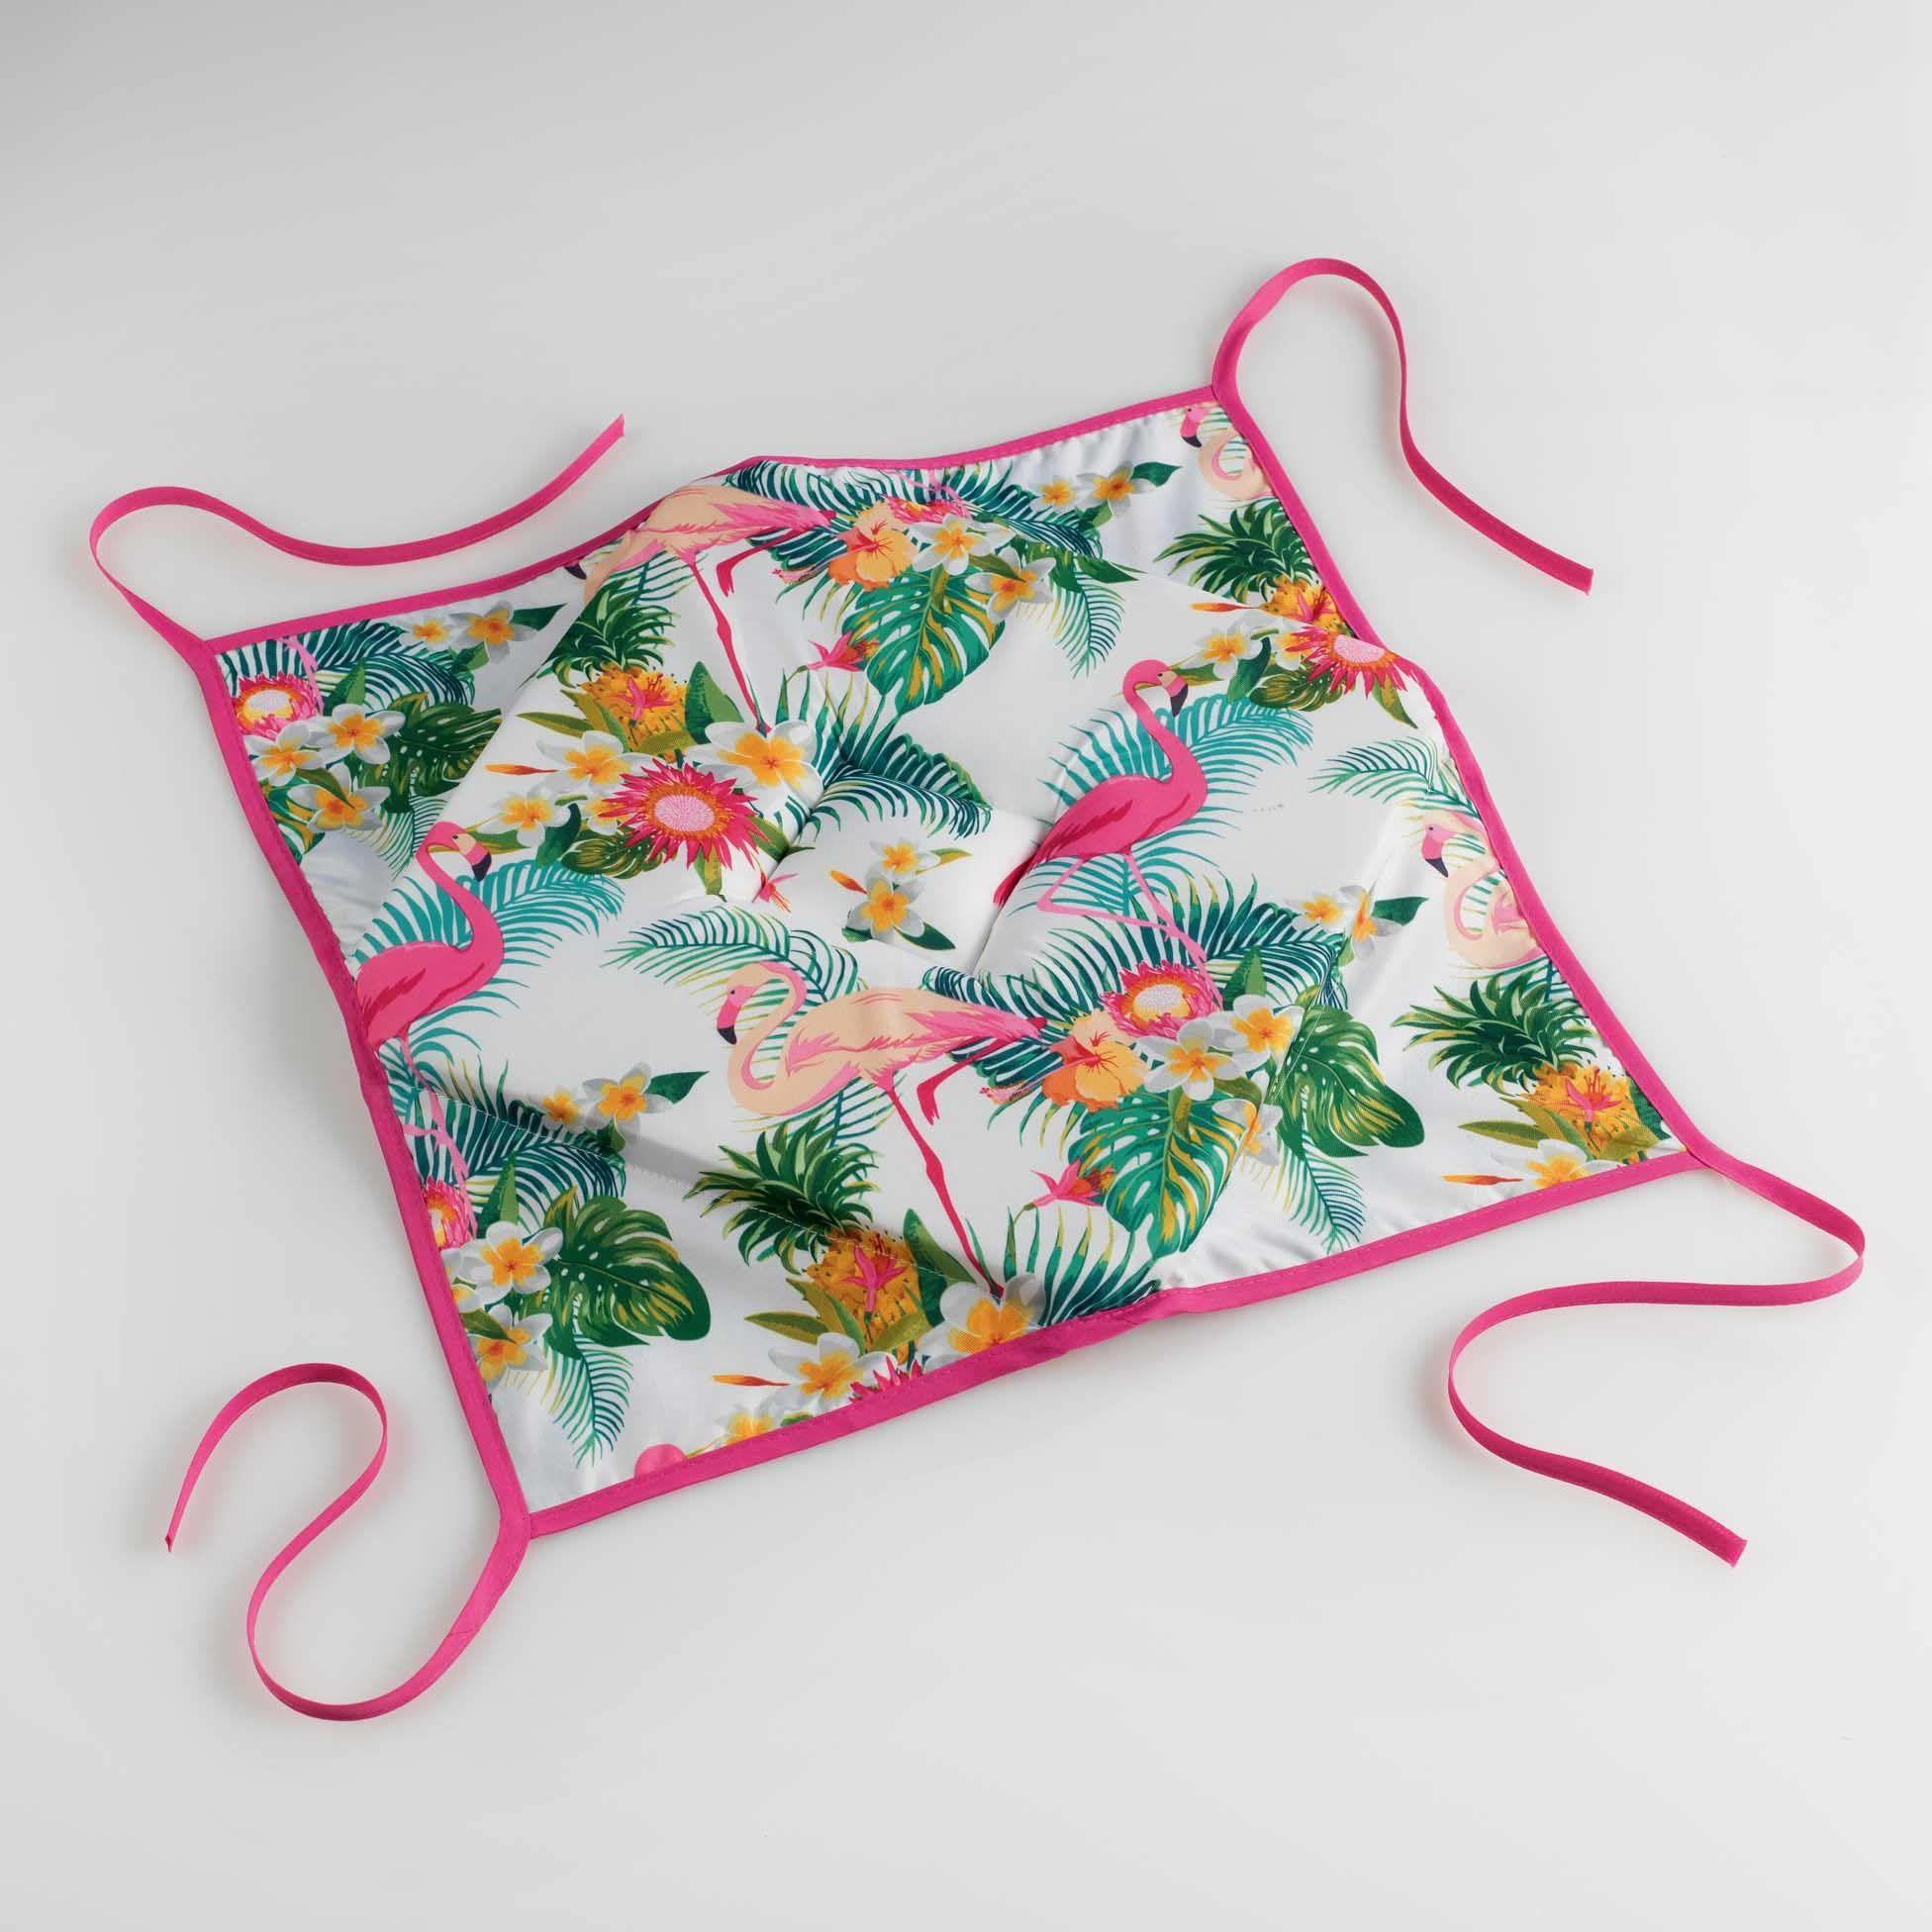 Kiesel, 4 klapy, 36 x 36 x 3,5 cm, poliester, z nadrukiem, flamingi Beach, biały